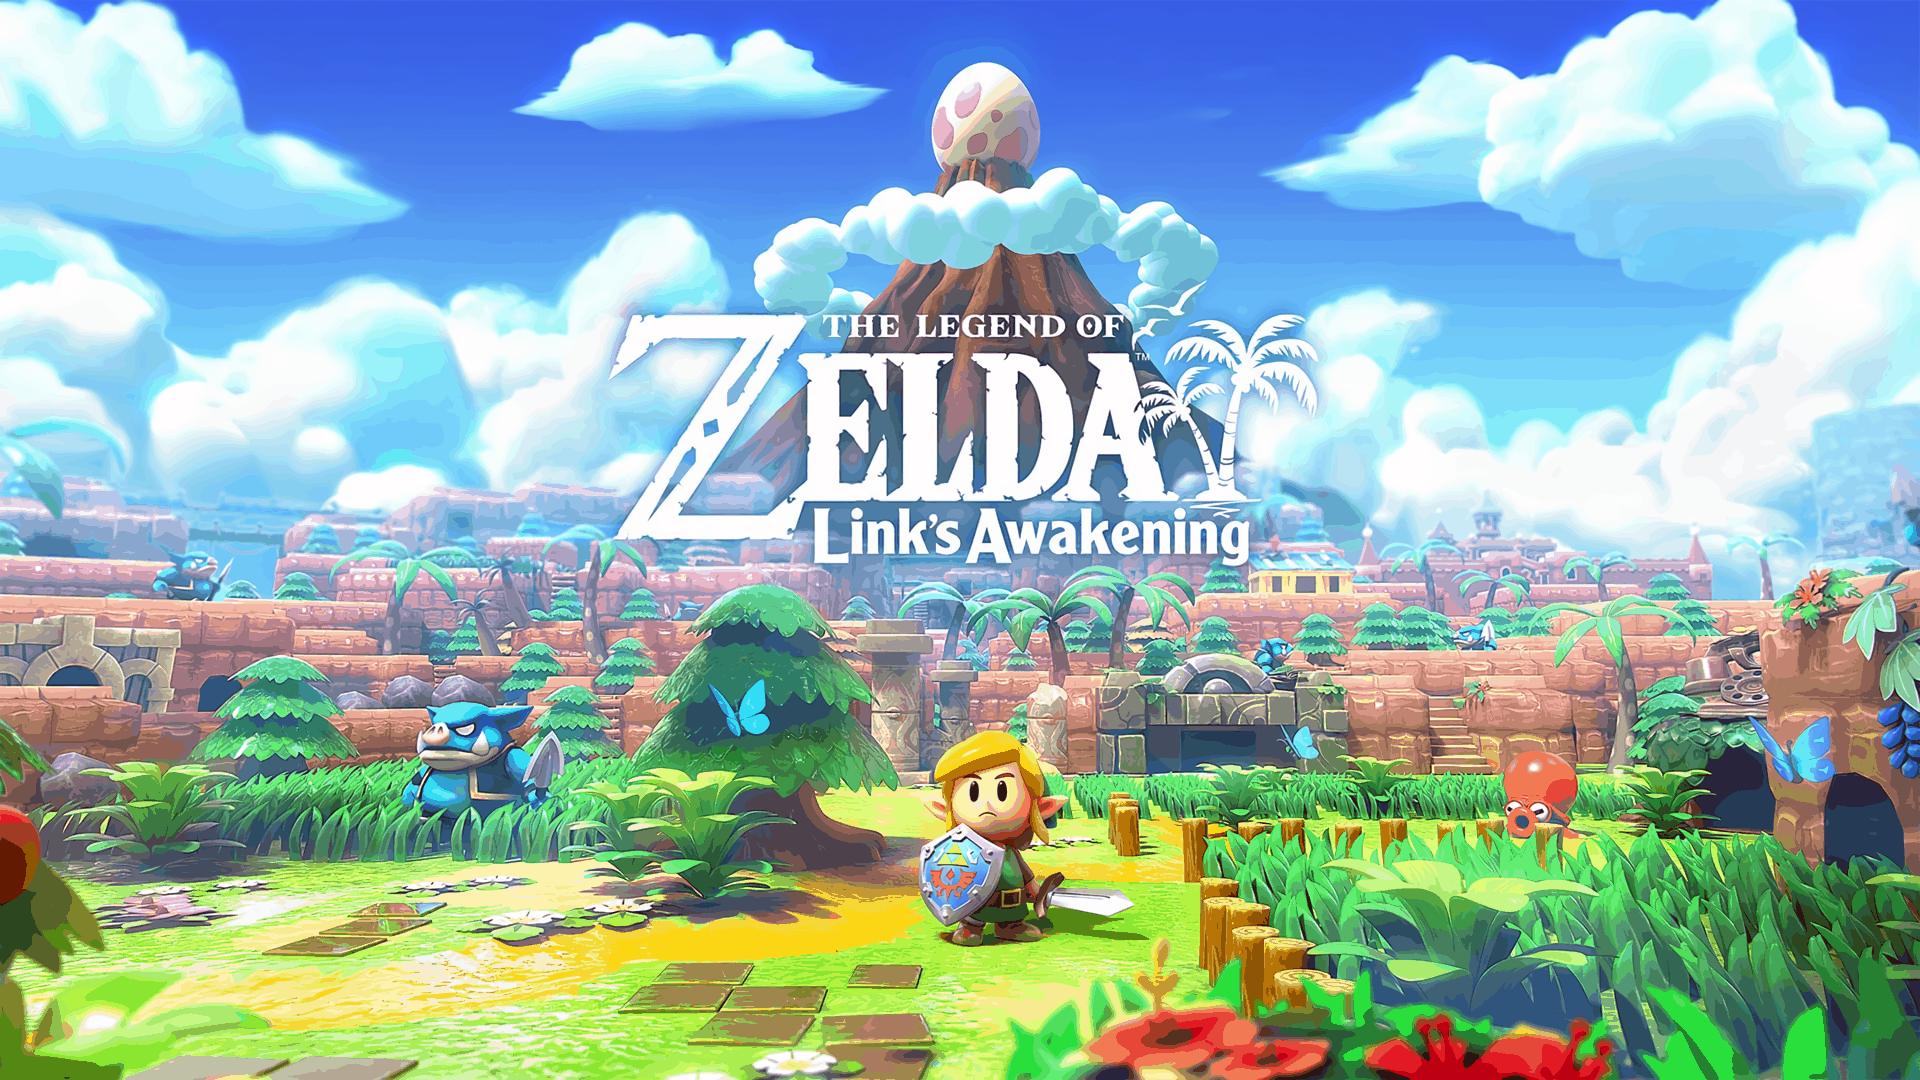 Best Zelda Games - The Legend of Zelda - Link's Awakening